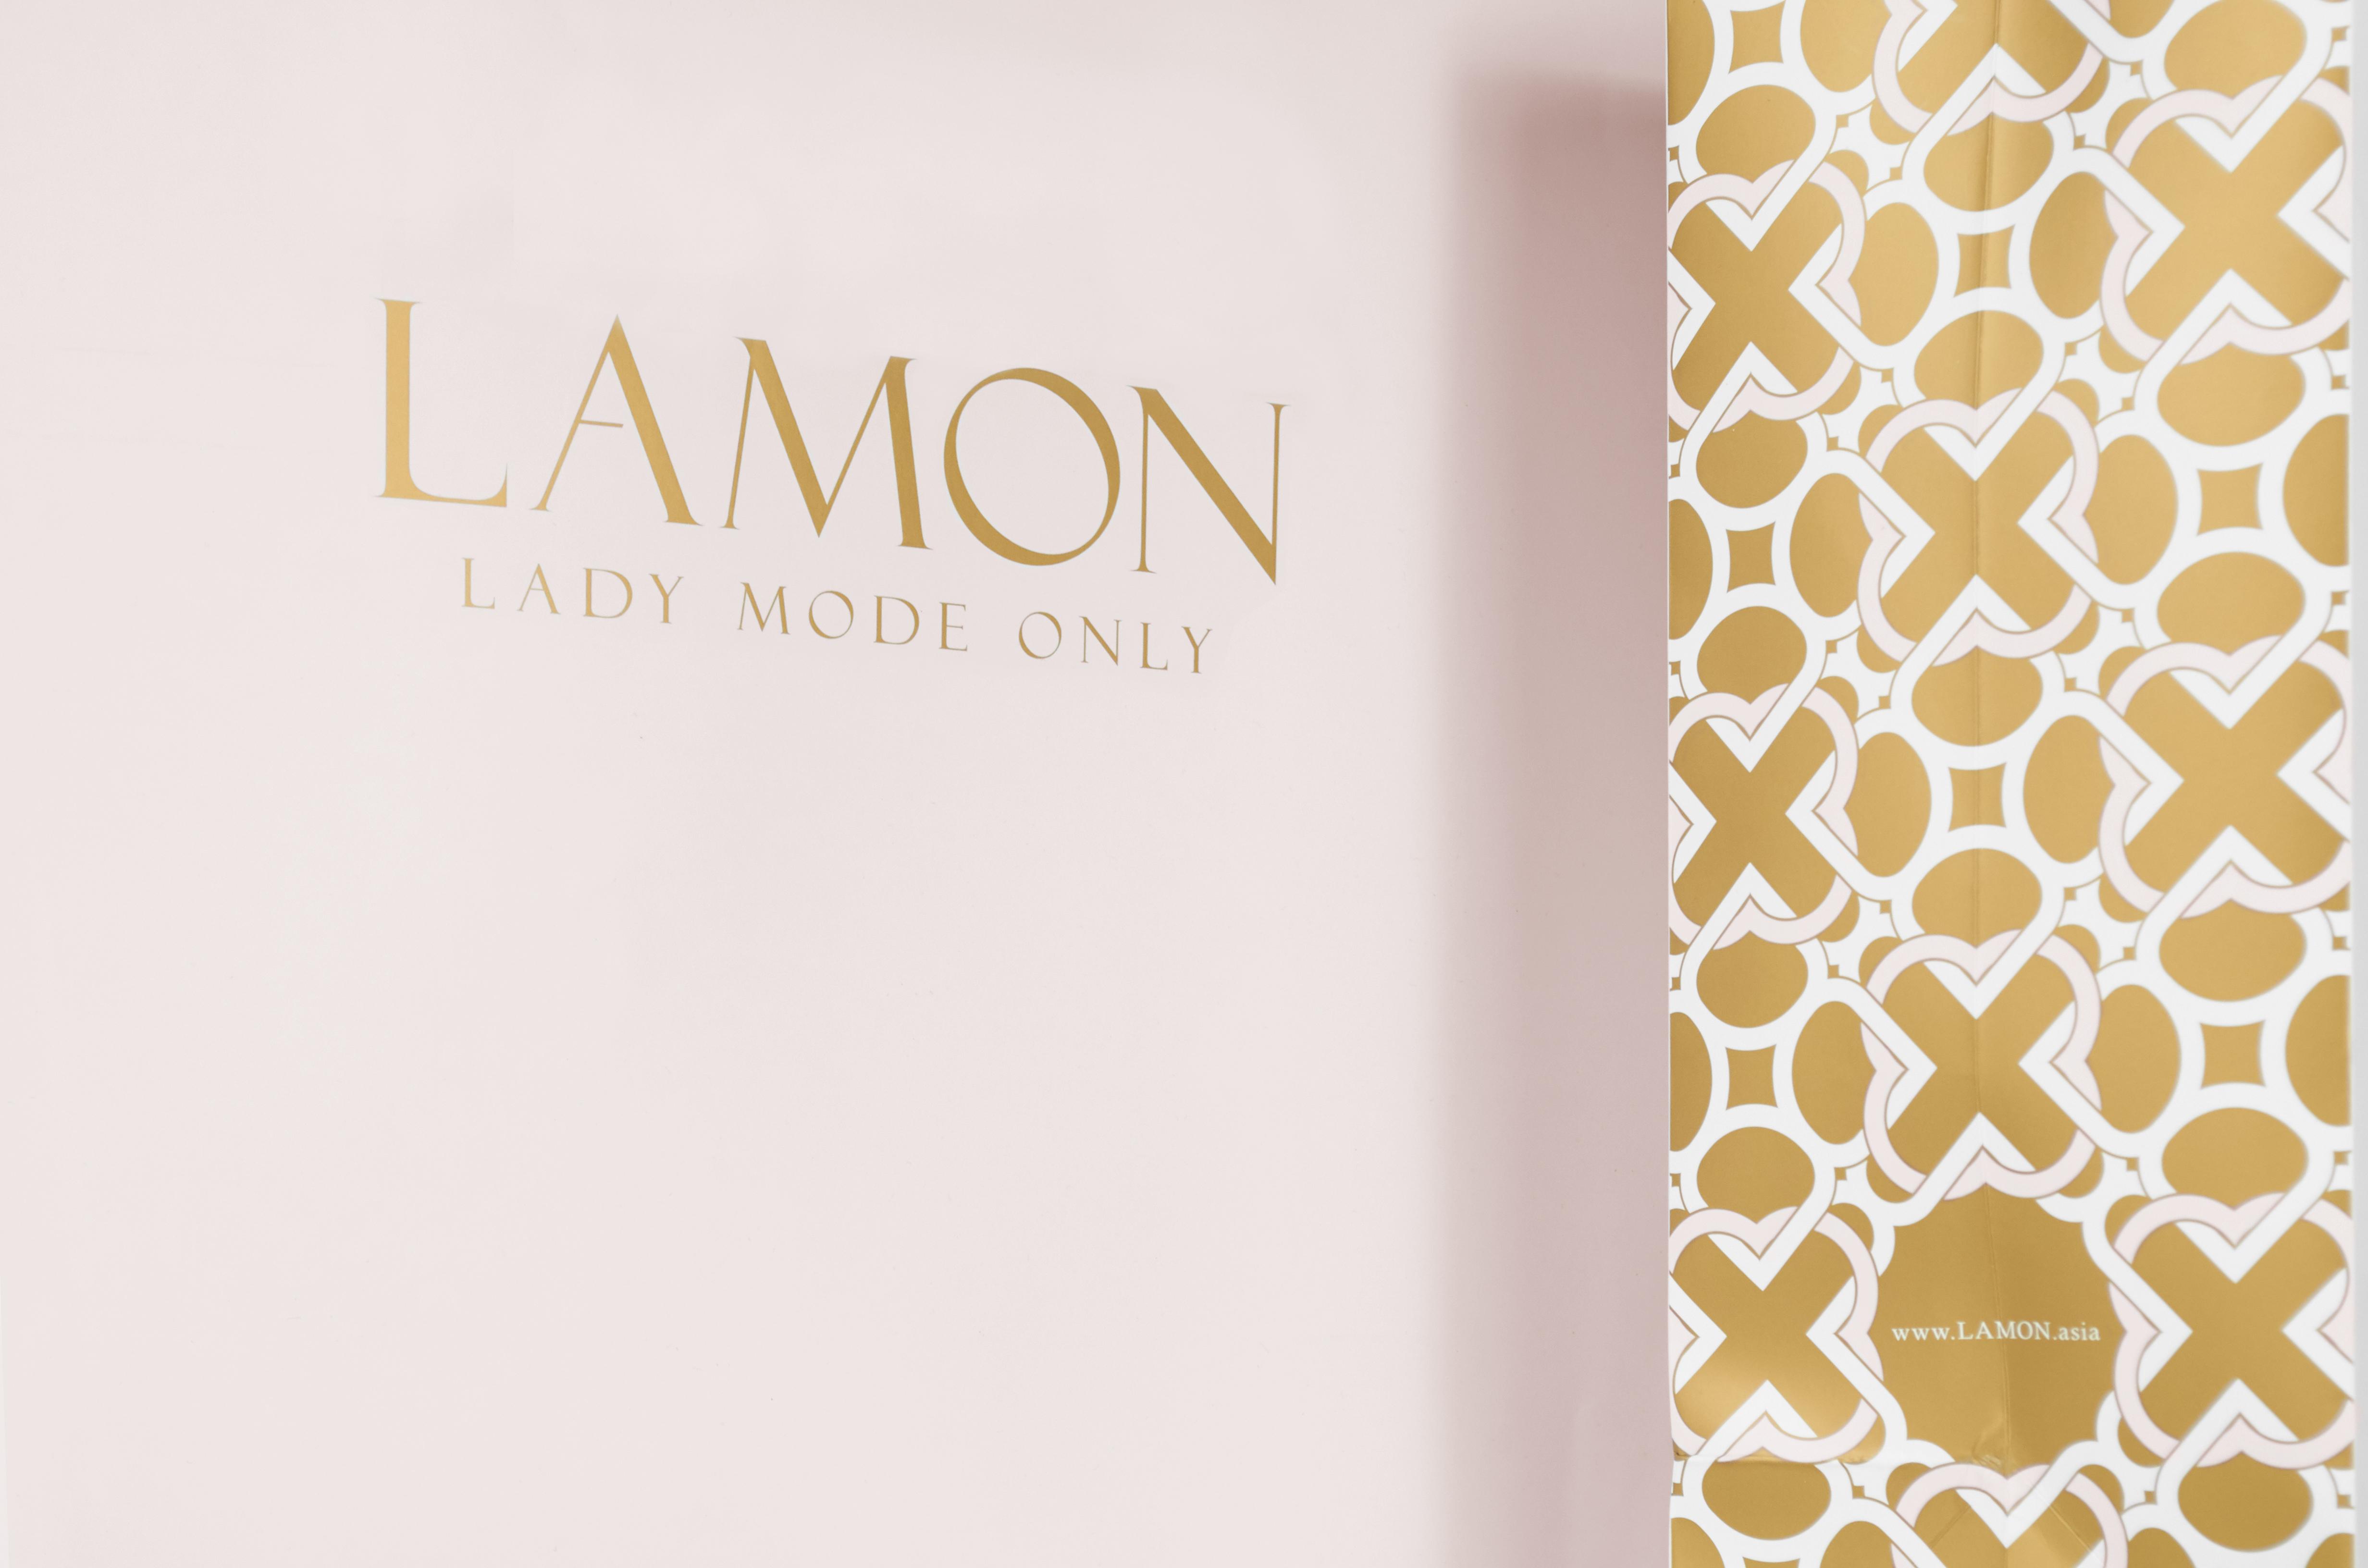 LAMON1641.jpg